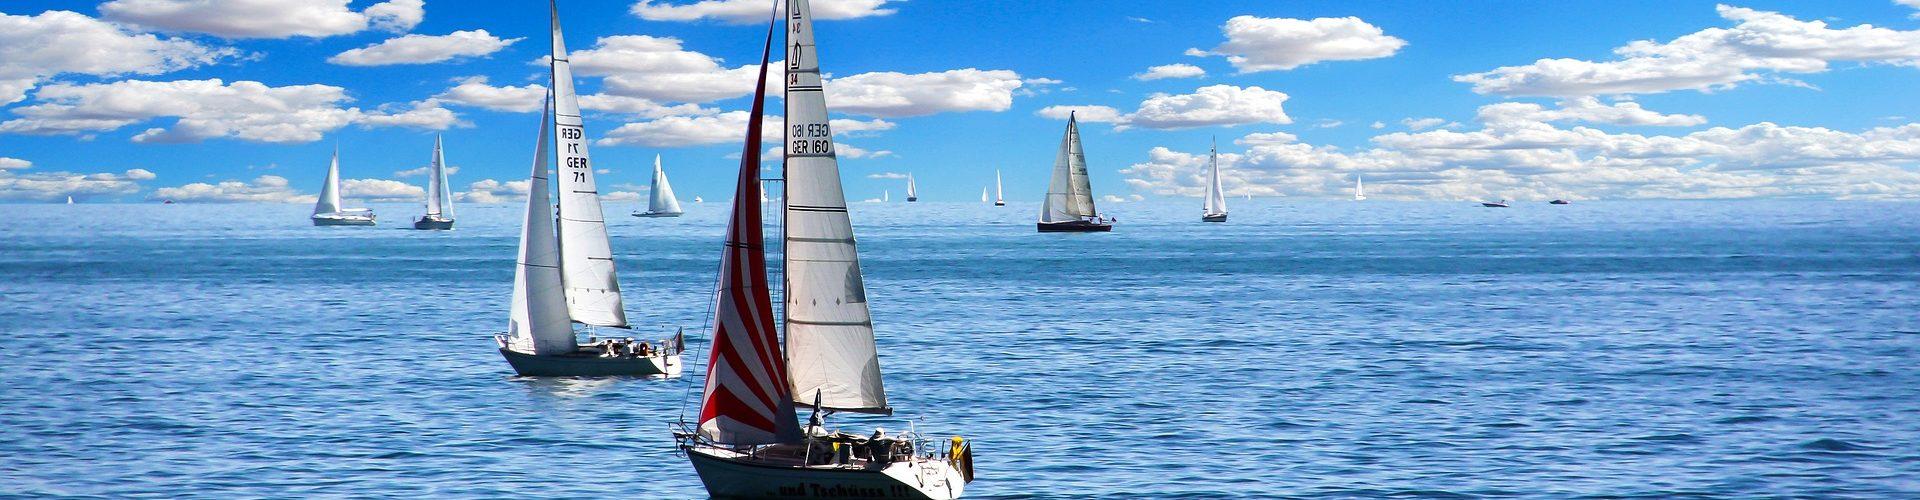 segeln lernen in Baden Baden segelschein machen in Baden Baden 1920x500 - Segeln lernen in Baden-Baden